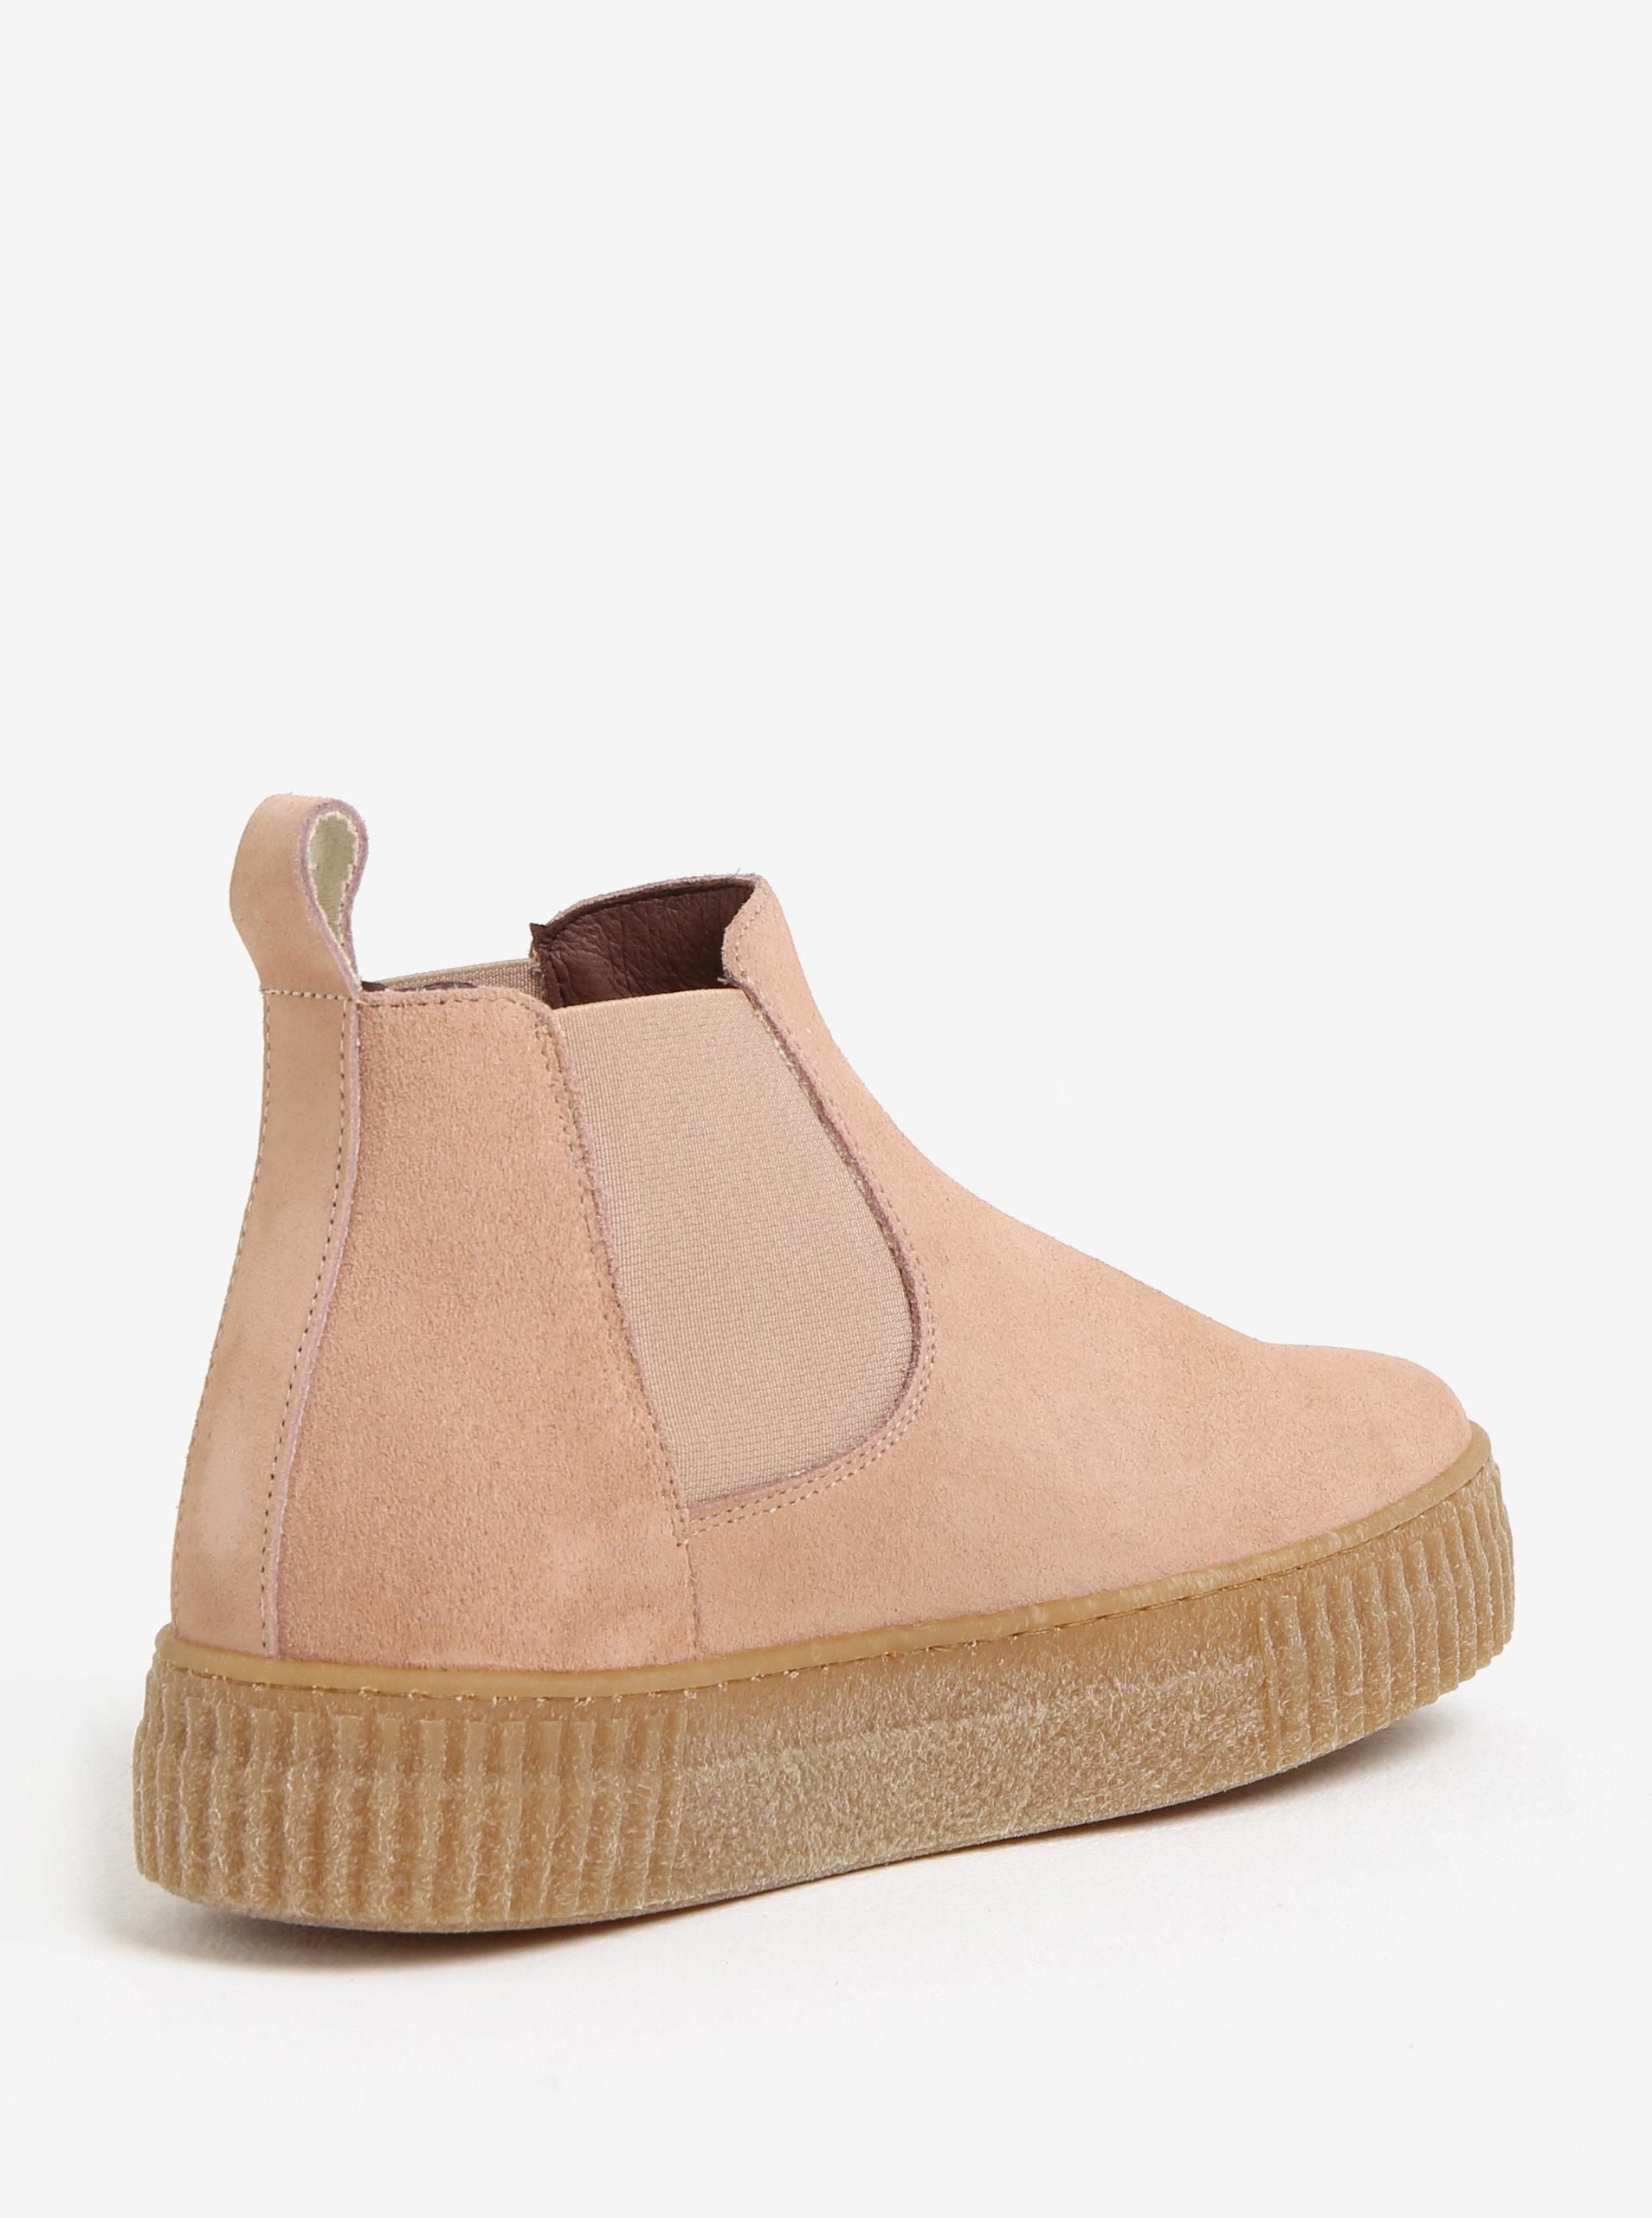 Růžové semišové chelsea boty na platformě OJJU ... 8b64f47522